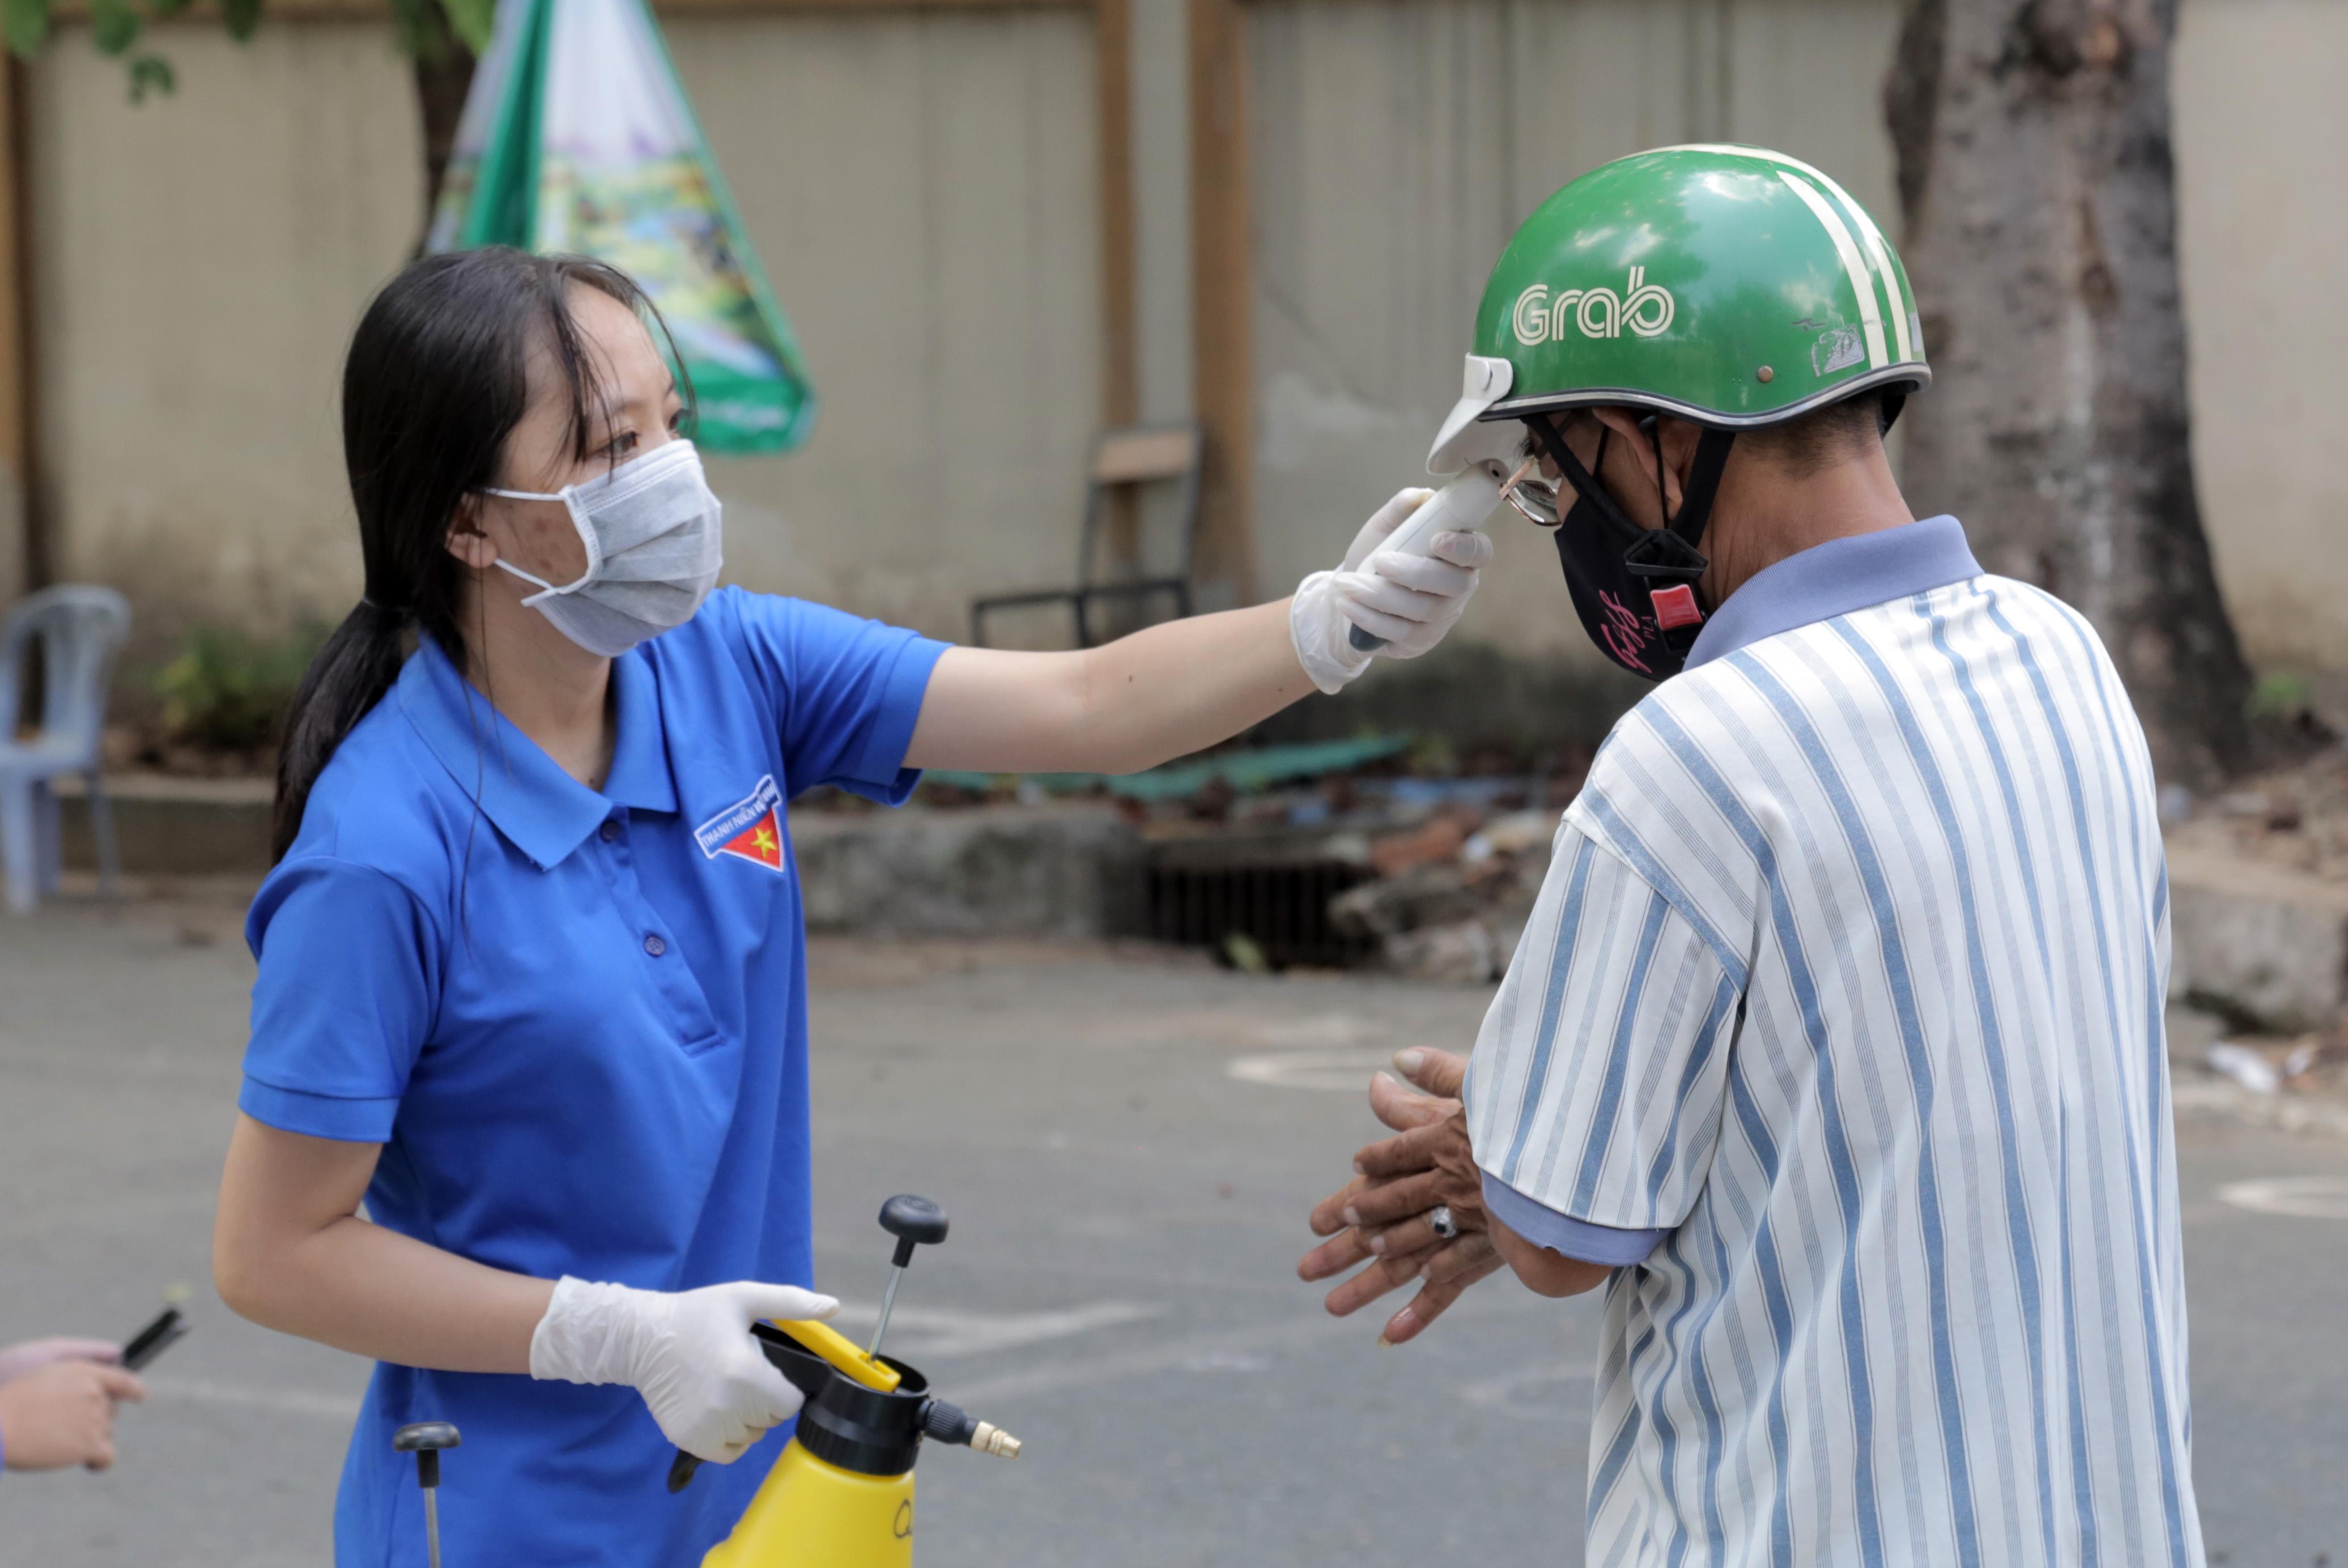 """""""ATM gạo"""" thứ 2 ở Sài Gòn hoạt động trong mùa dịch, bà con khó khăn chỉ cần đến """"máy sẽ tự động nhả gạo"""" - hình ảnh 3"""